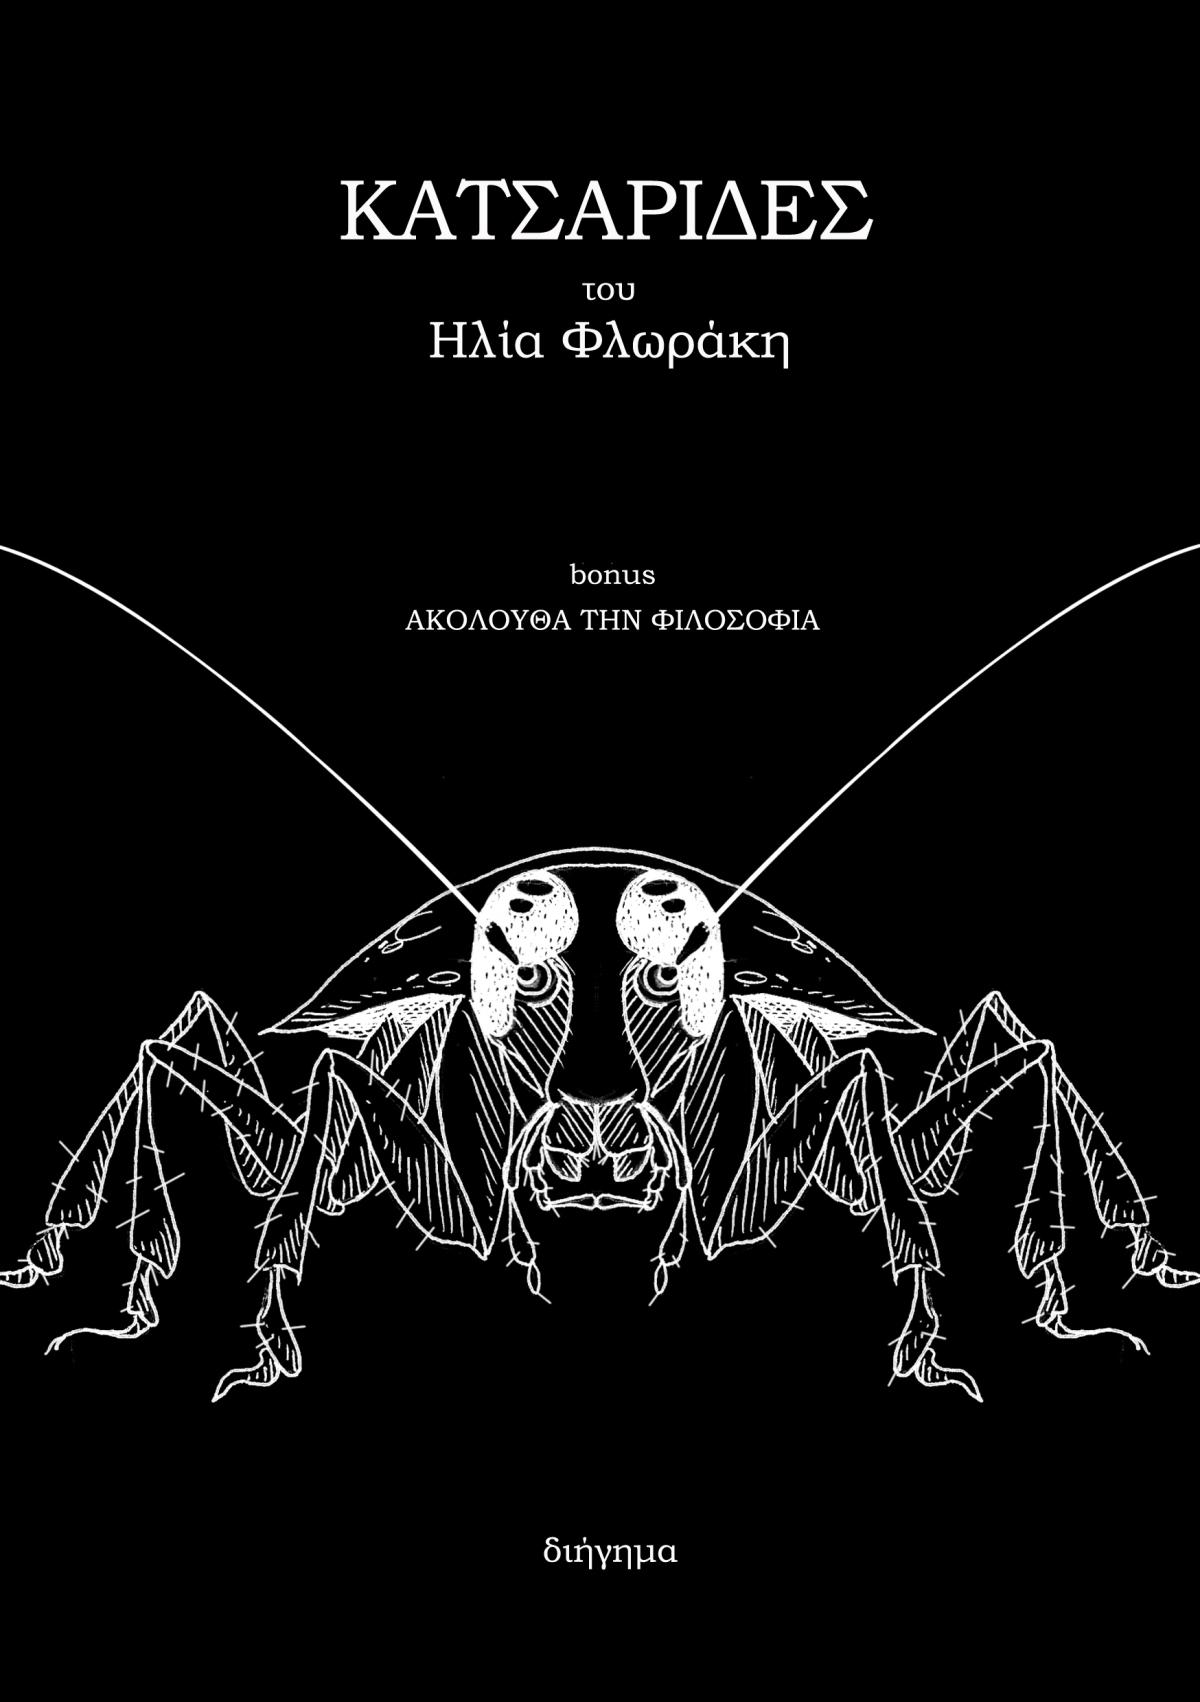 Κατσαρίδες (2011) e-book